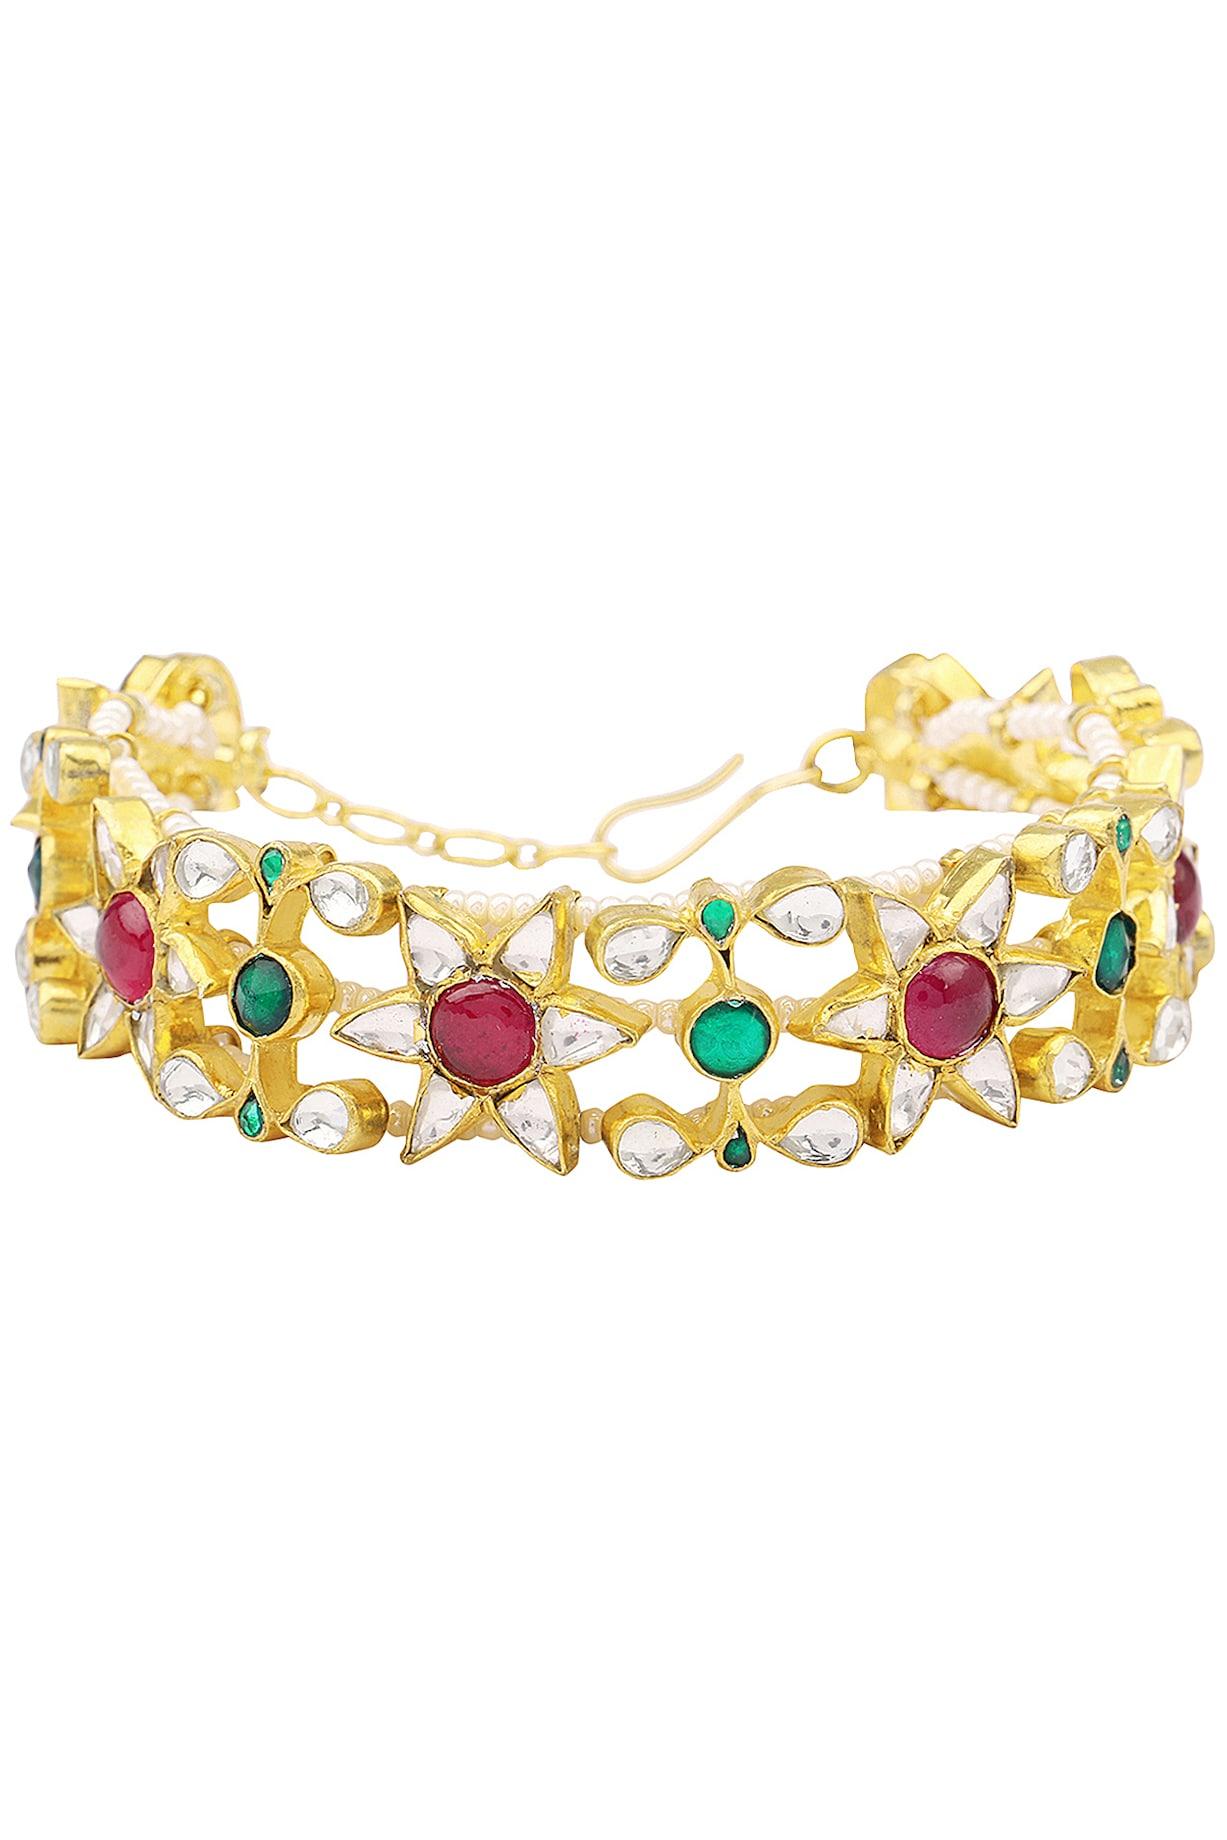 Riana Jewellery Bracelets